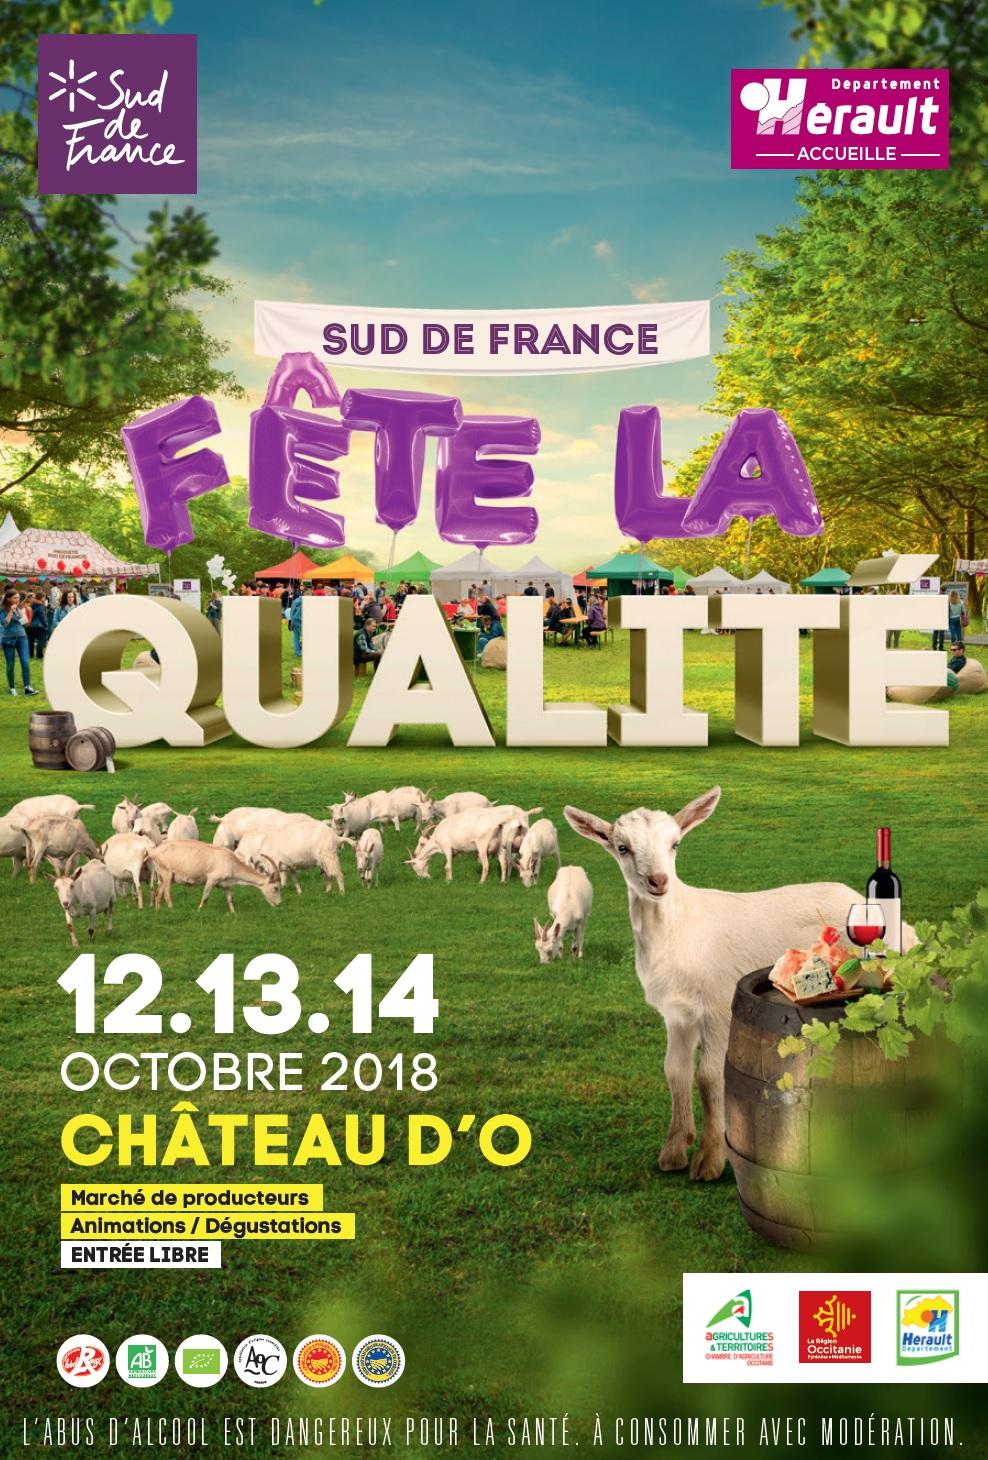 Sud de France fête la qualité au Châteaud'O